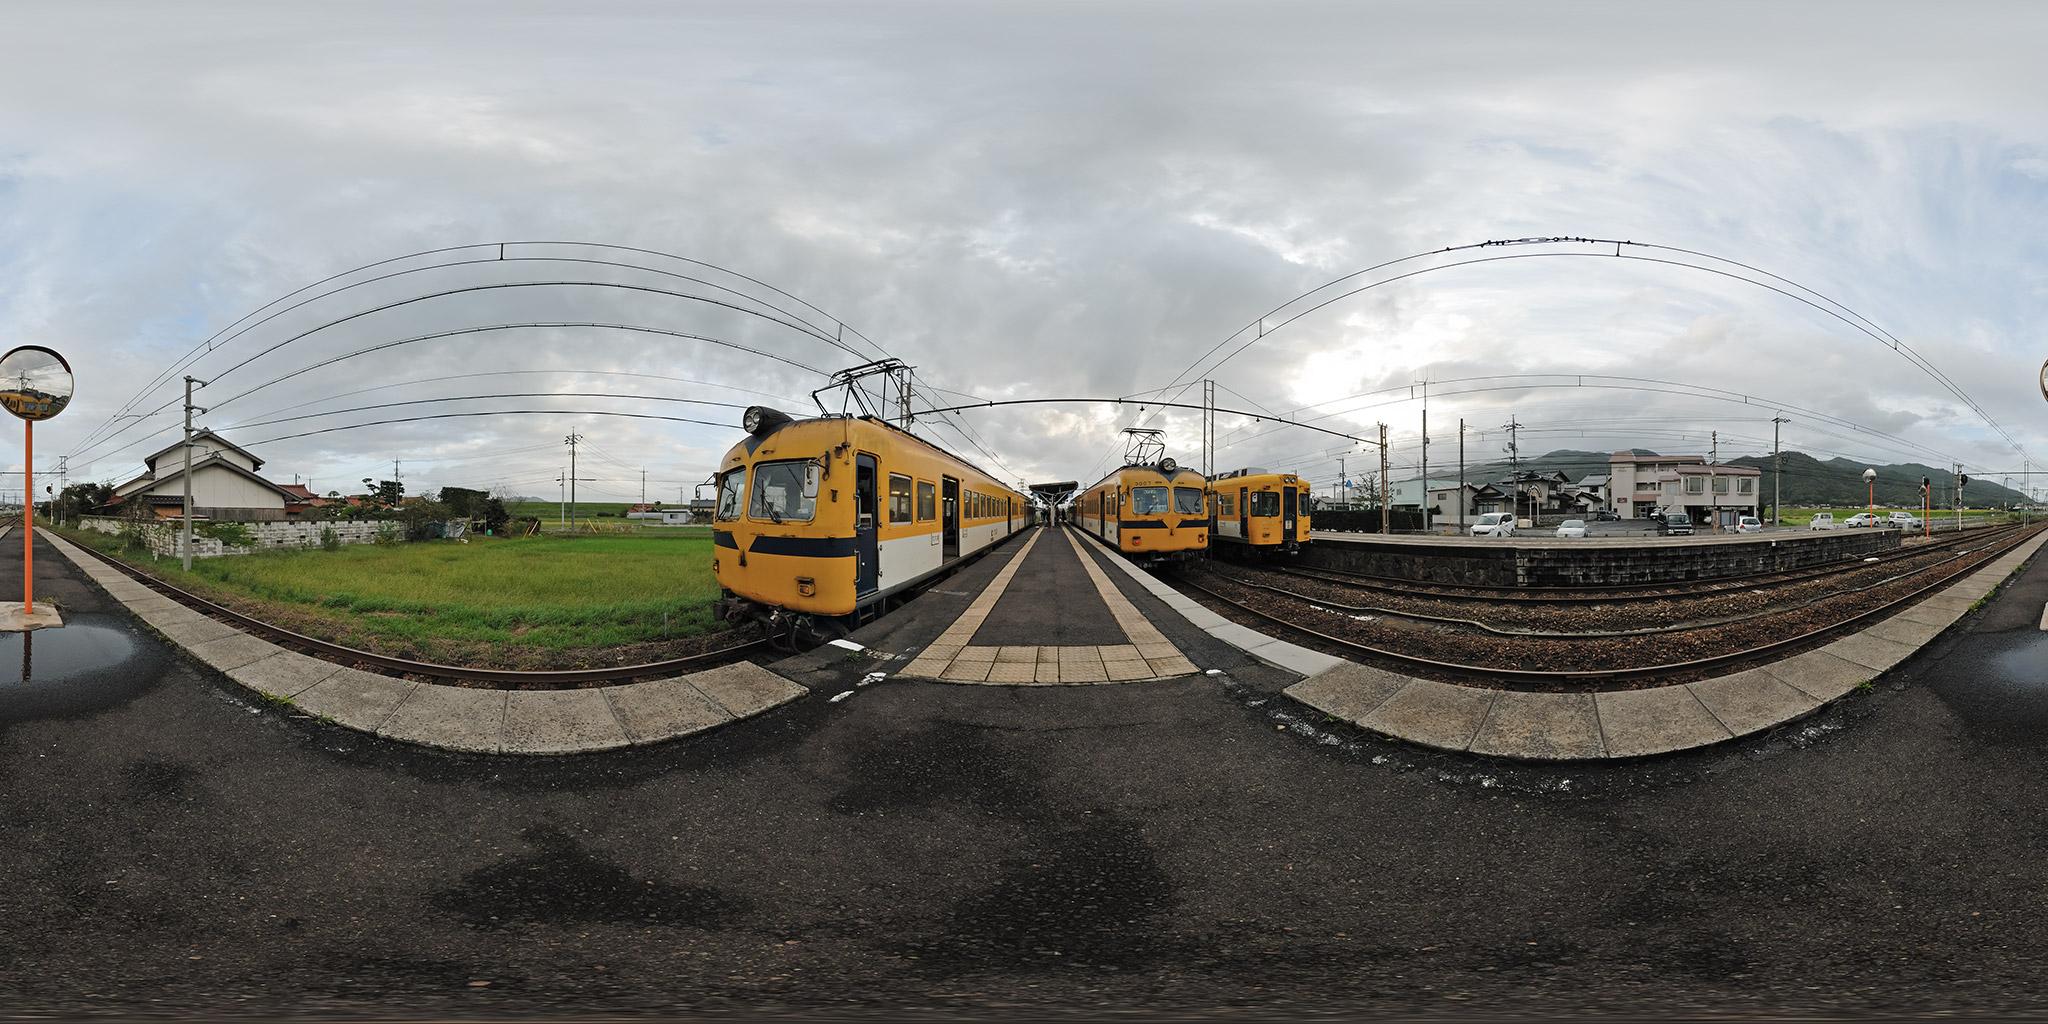 3本の列車が並ぶ一畑電車川跡駅